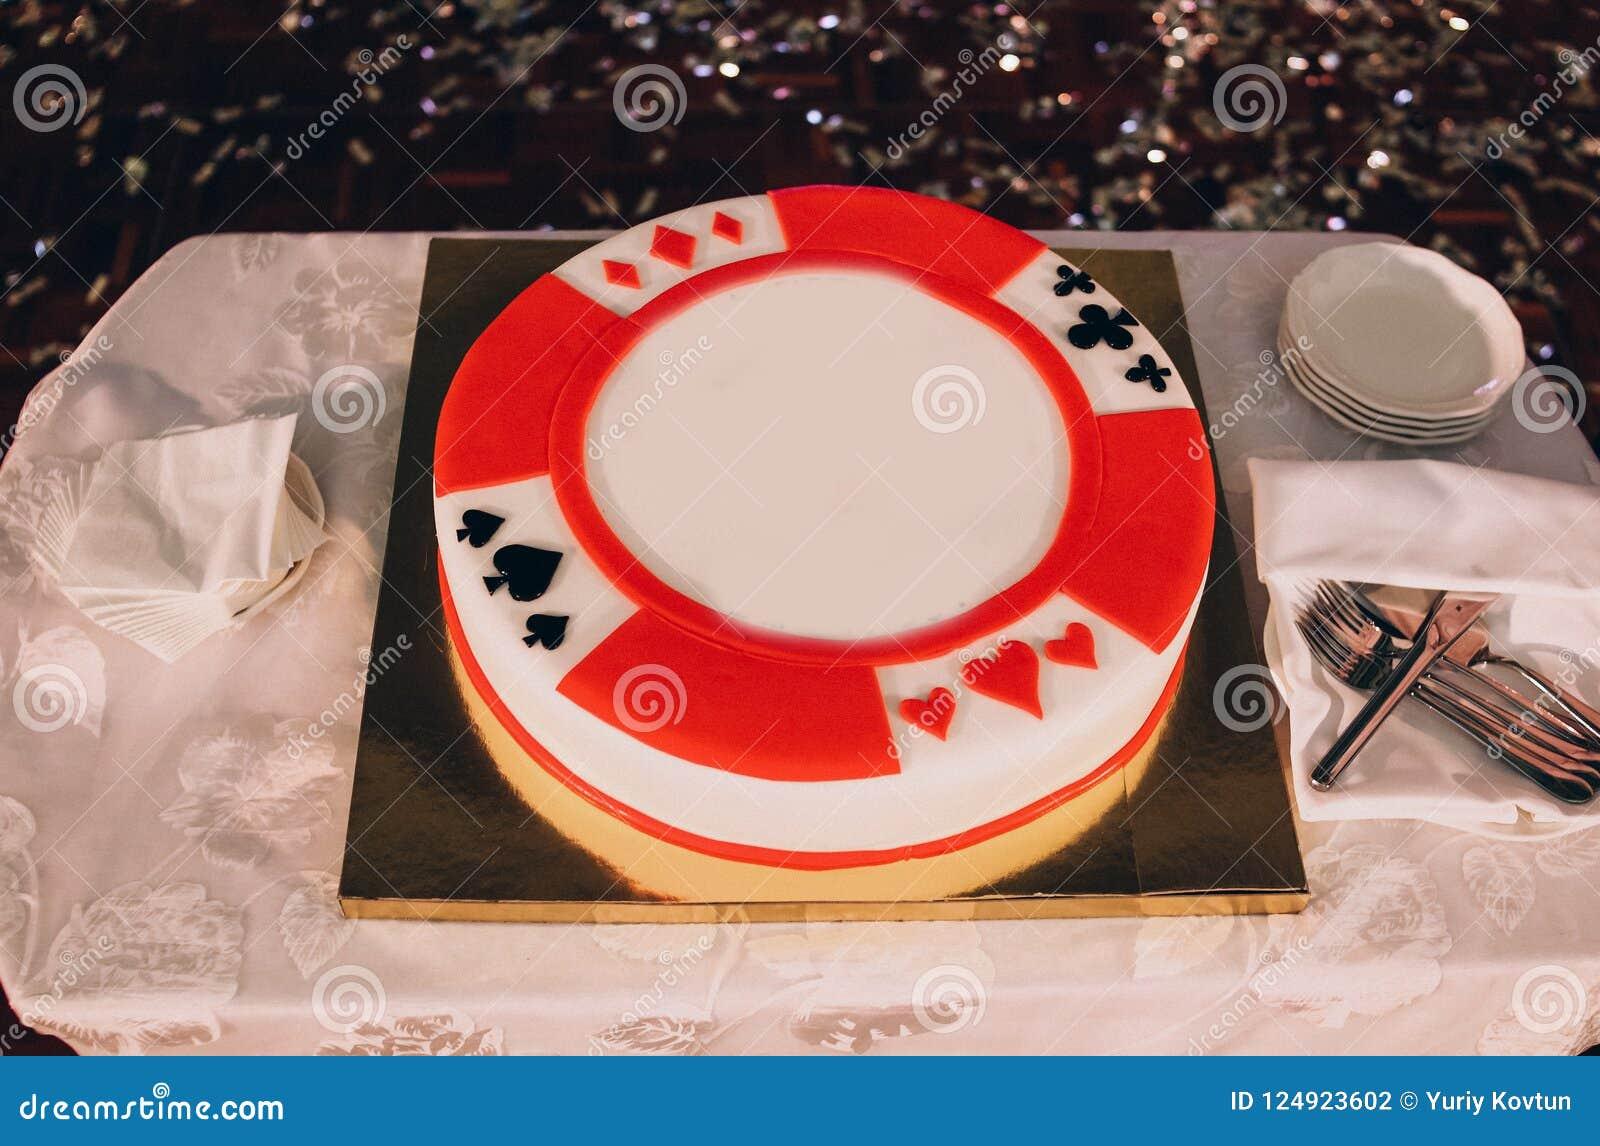 蛋糕欢乐装饰赌博娱乐场样式啤牌卡片